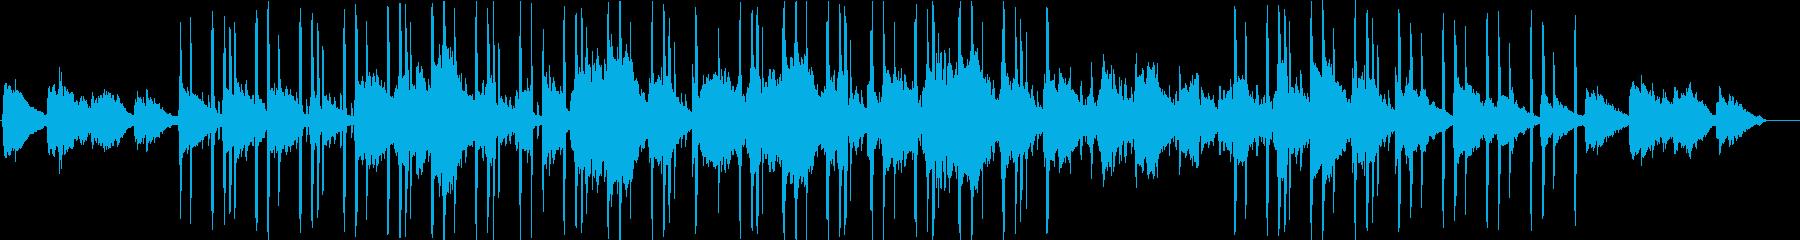 昭和感漂うHipHopの再生済みの波形